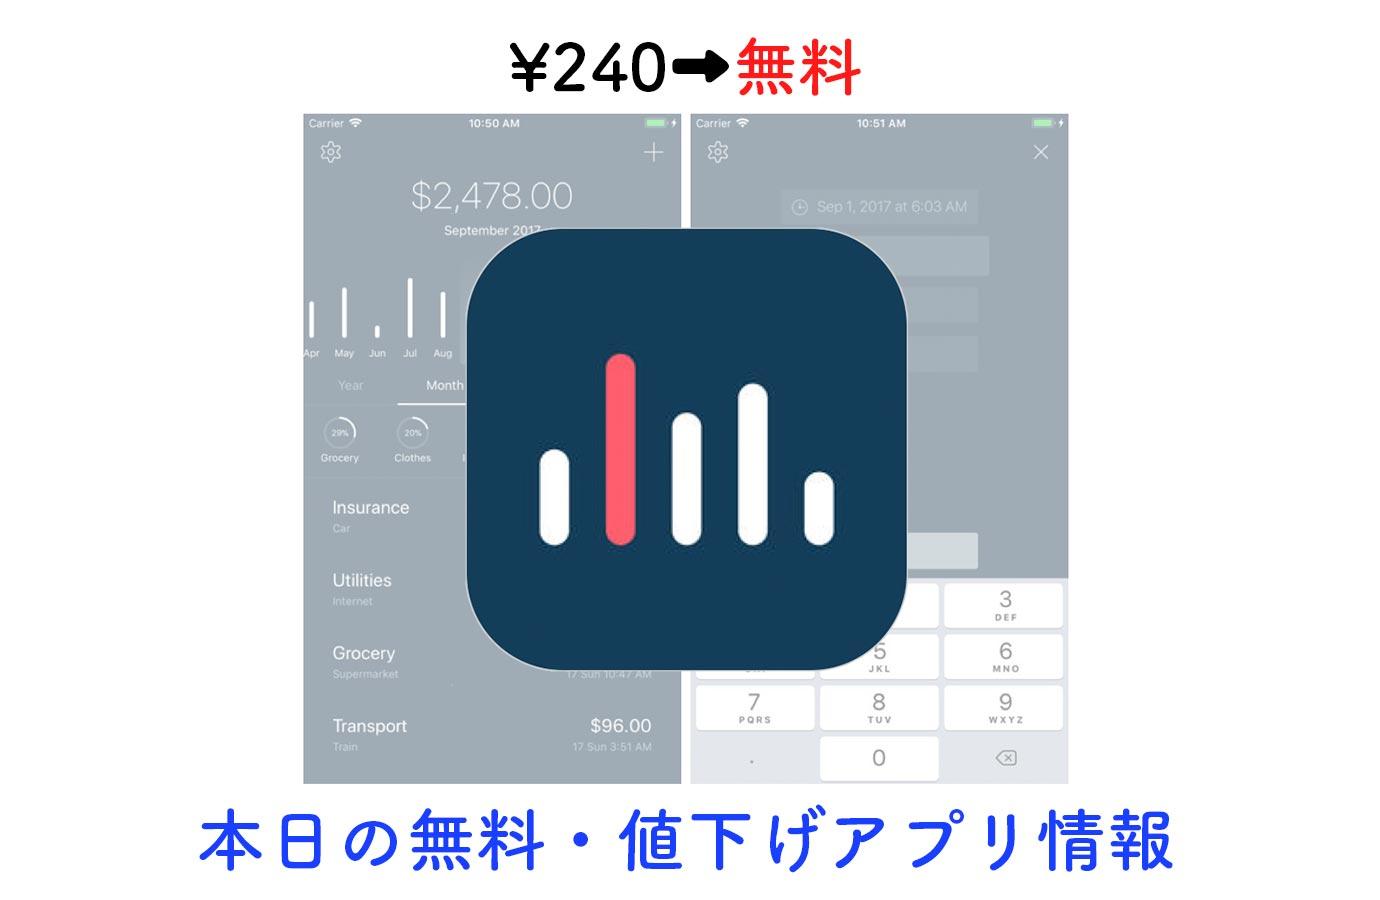 ¥240→無料、シンプルな支出管理アプリ「5coins Expense」など【12/15】本日の無料・値下げアプリ情報